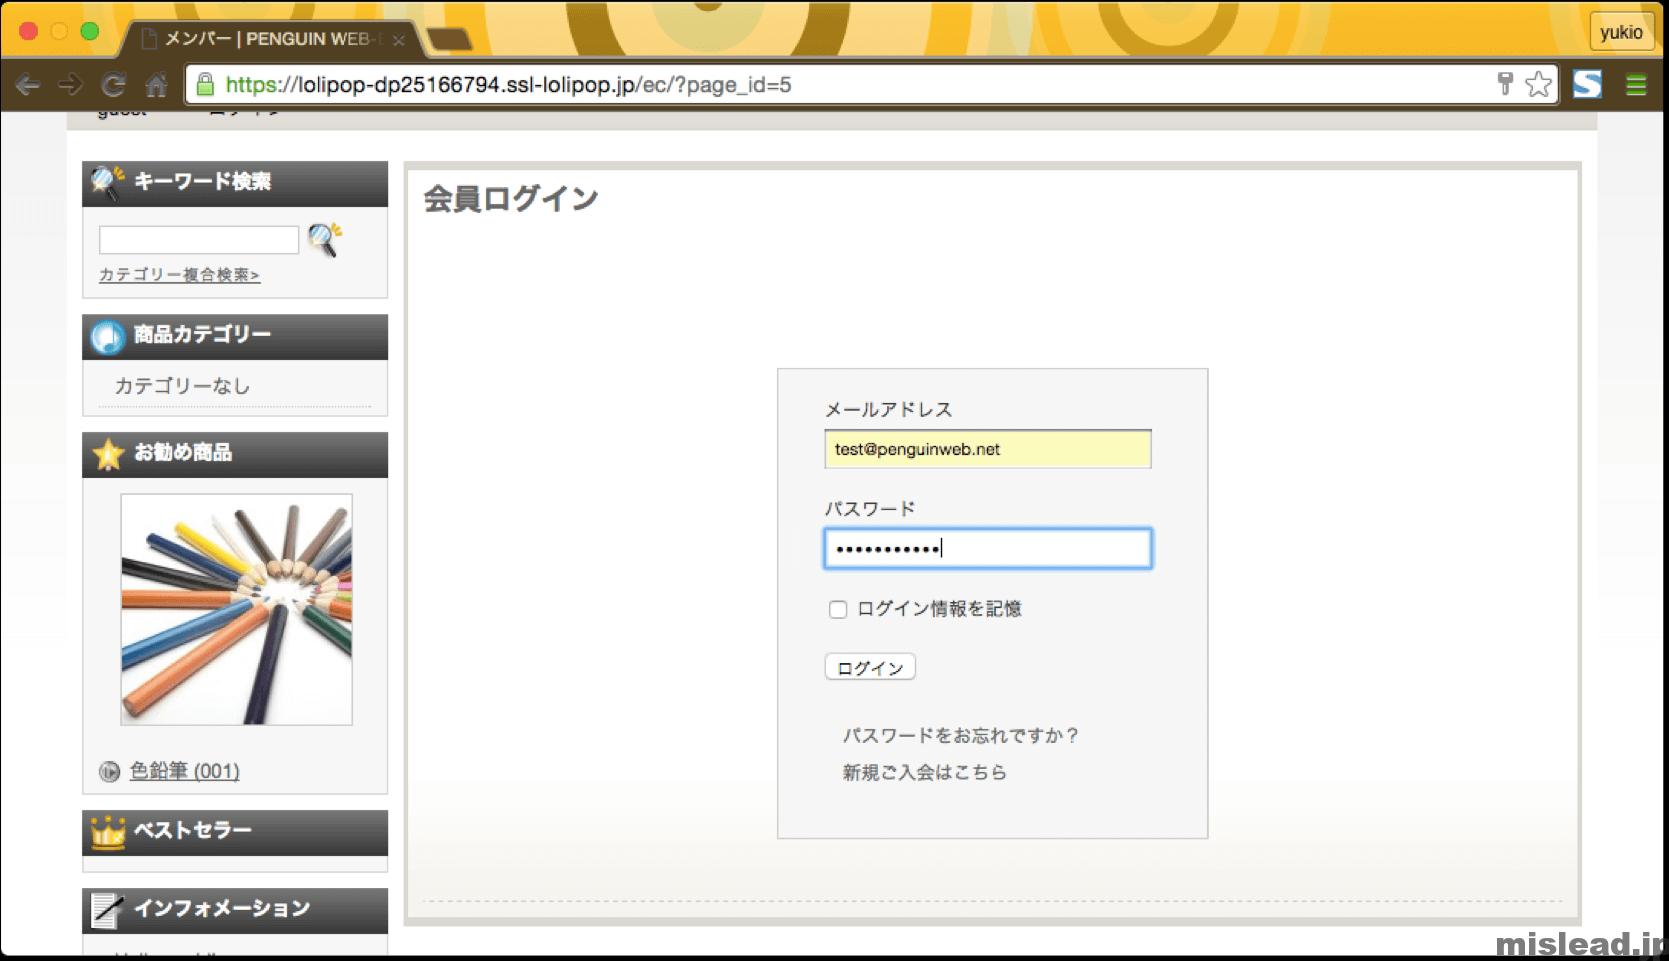 非表示になっているパスワード